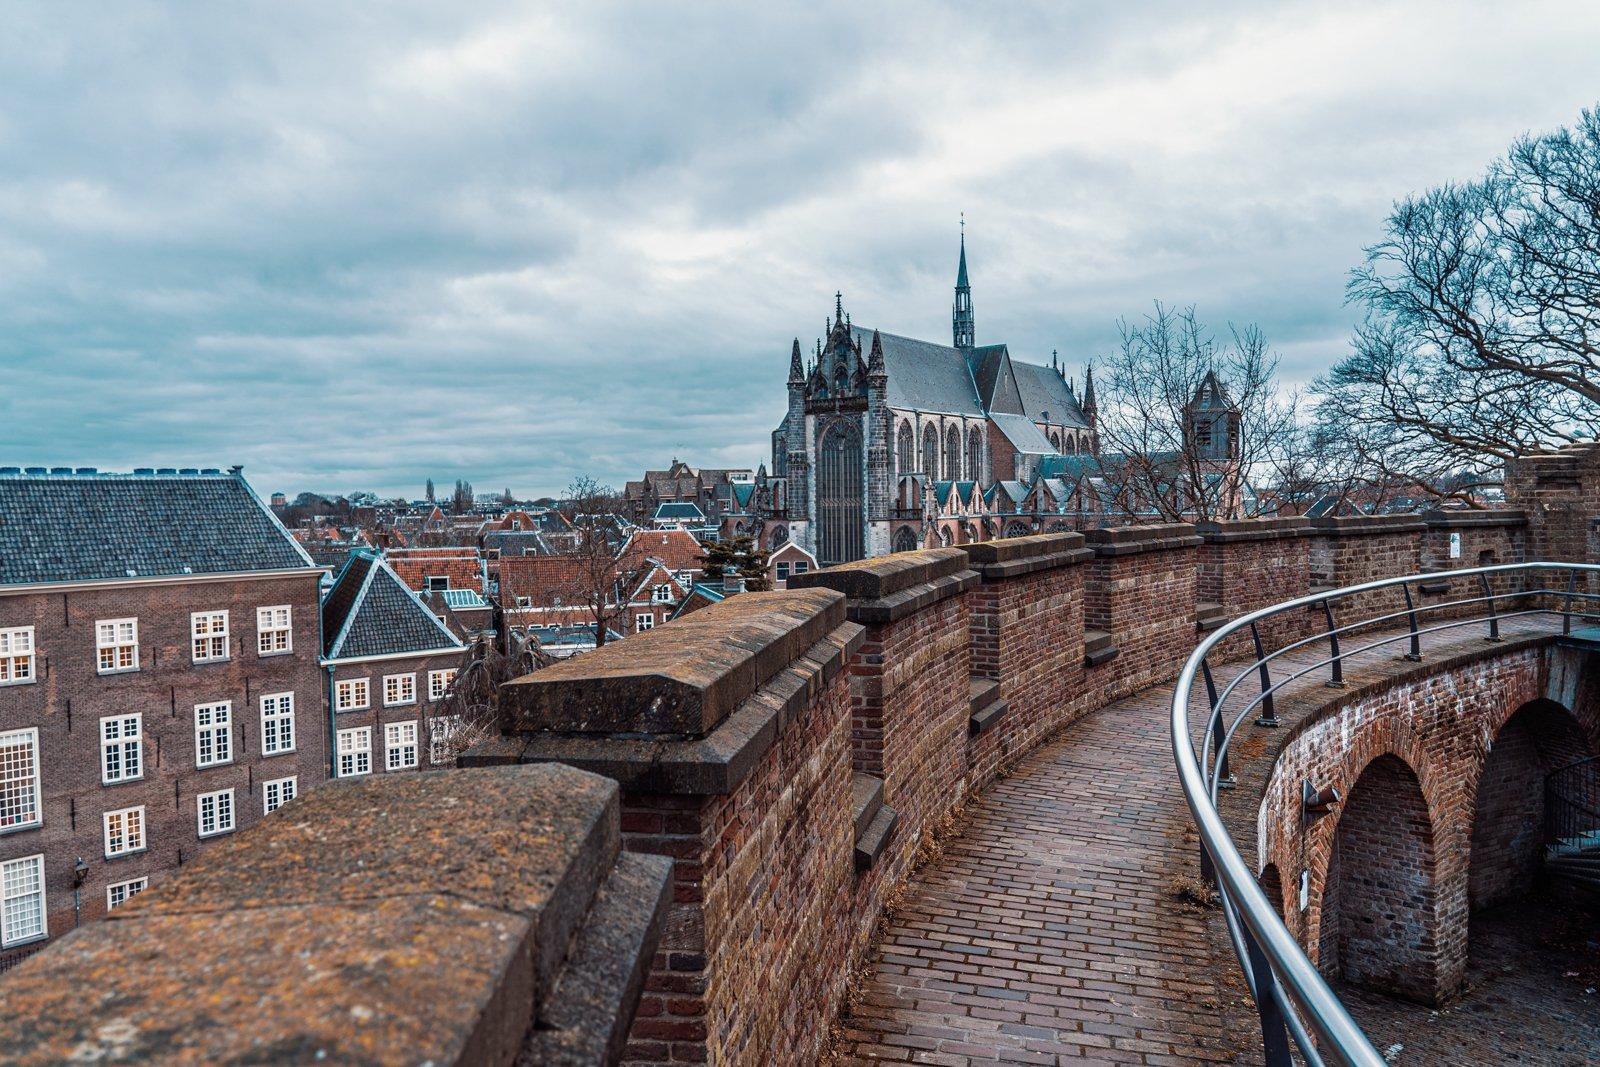 Dit zijn de leukste boutique hotels van Leiden waar je bijzonder kunt overnachten